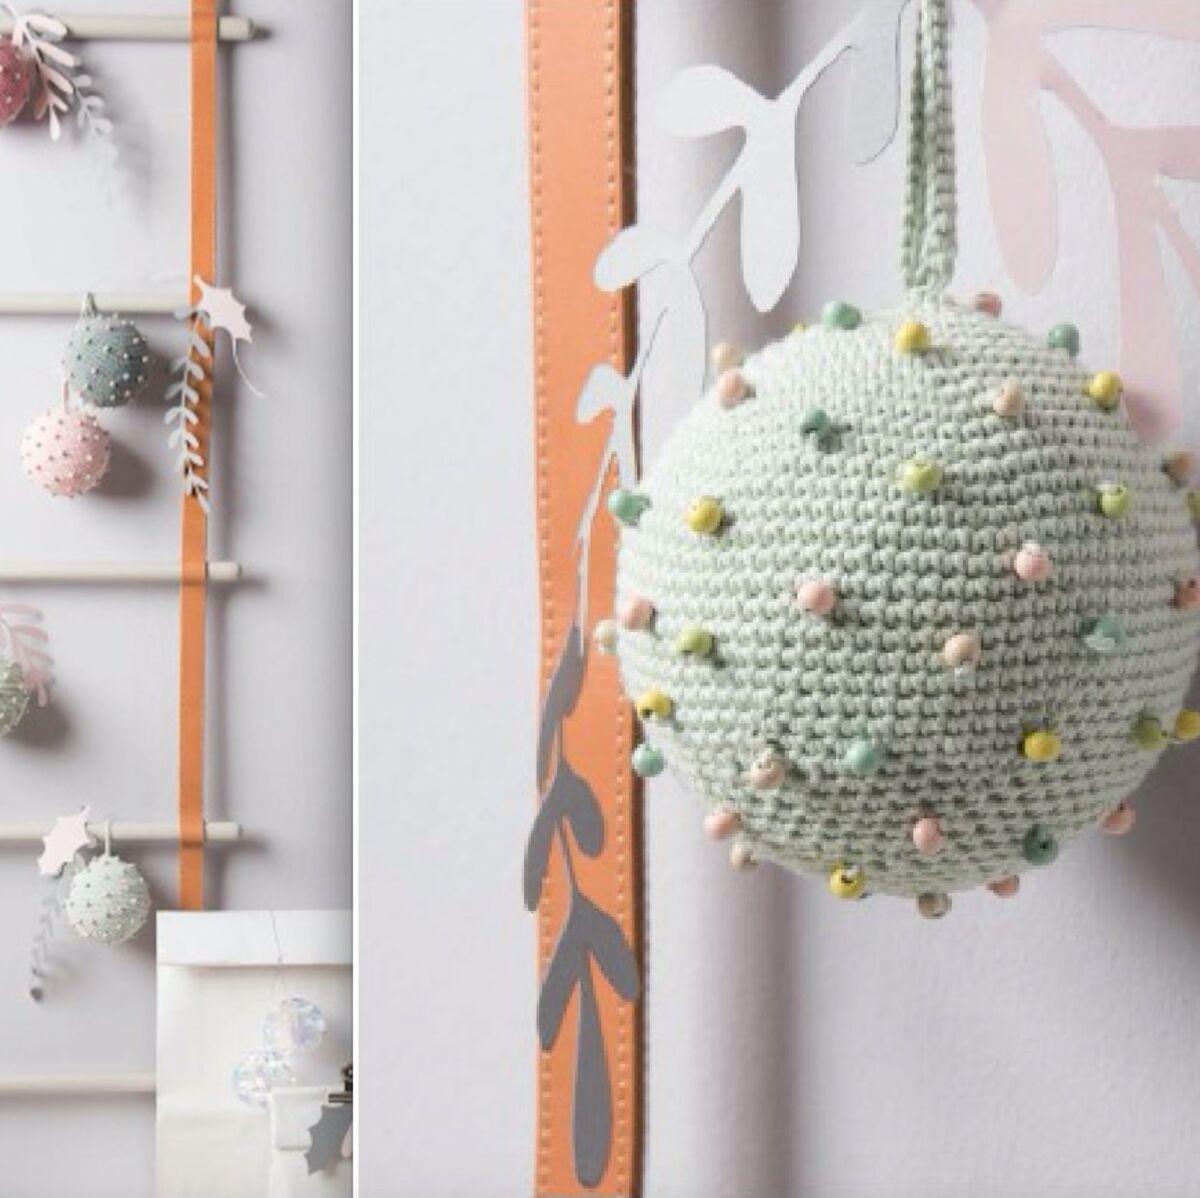 Tutoriel bouquet de noël tuto au crochet en français amigurumi ... | 1198x1200